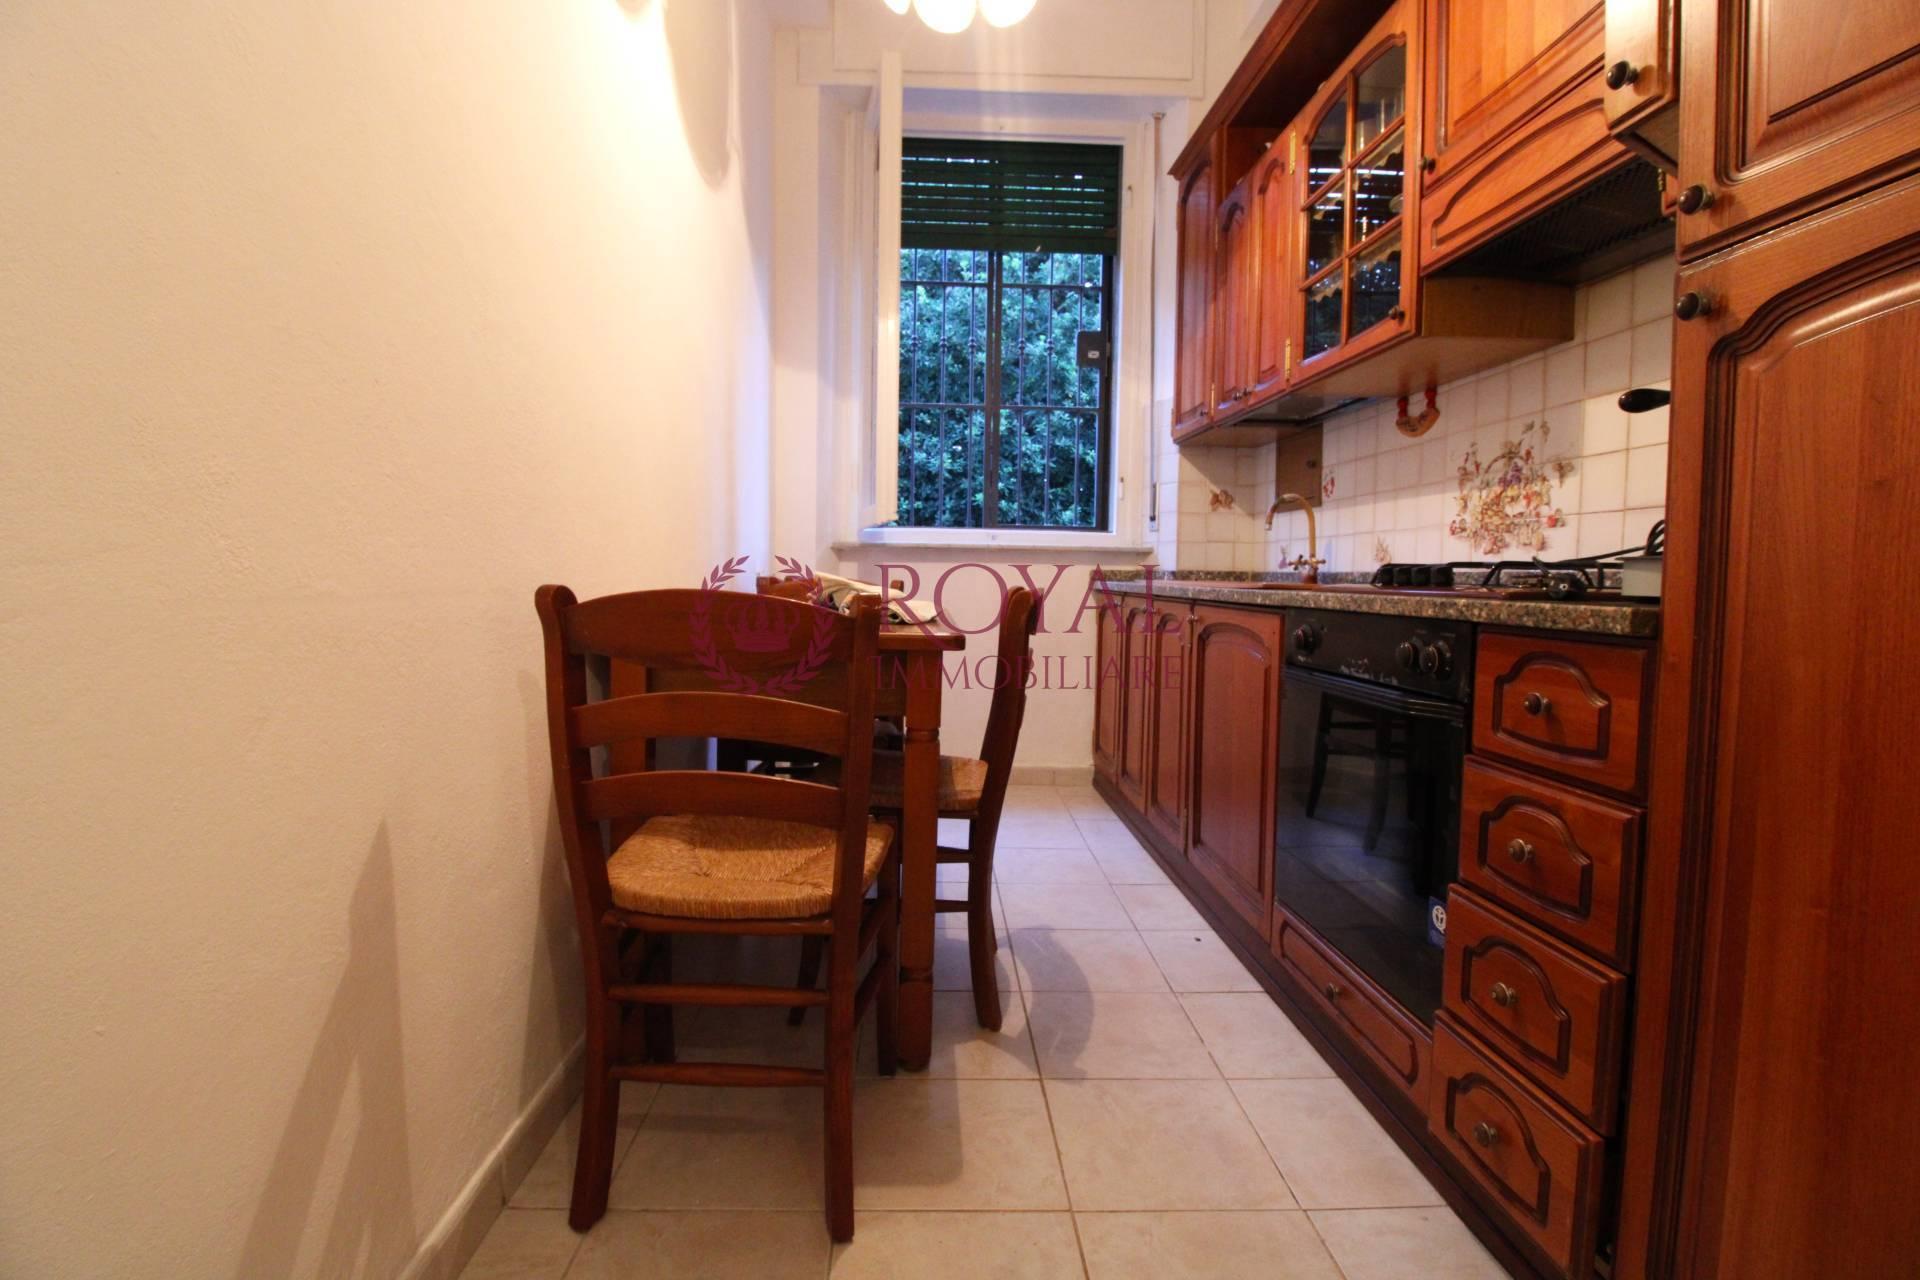 Appartamento in affitto a Viale Italia, Livorno (LI)